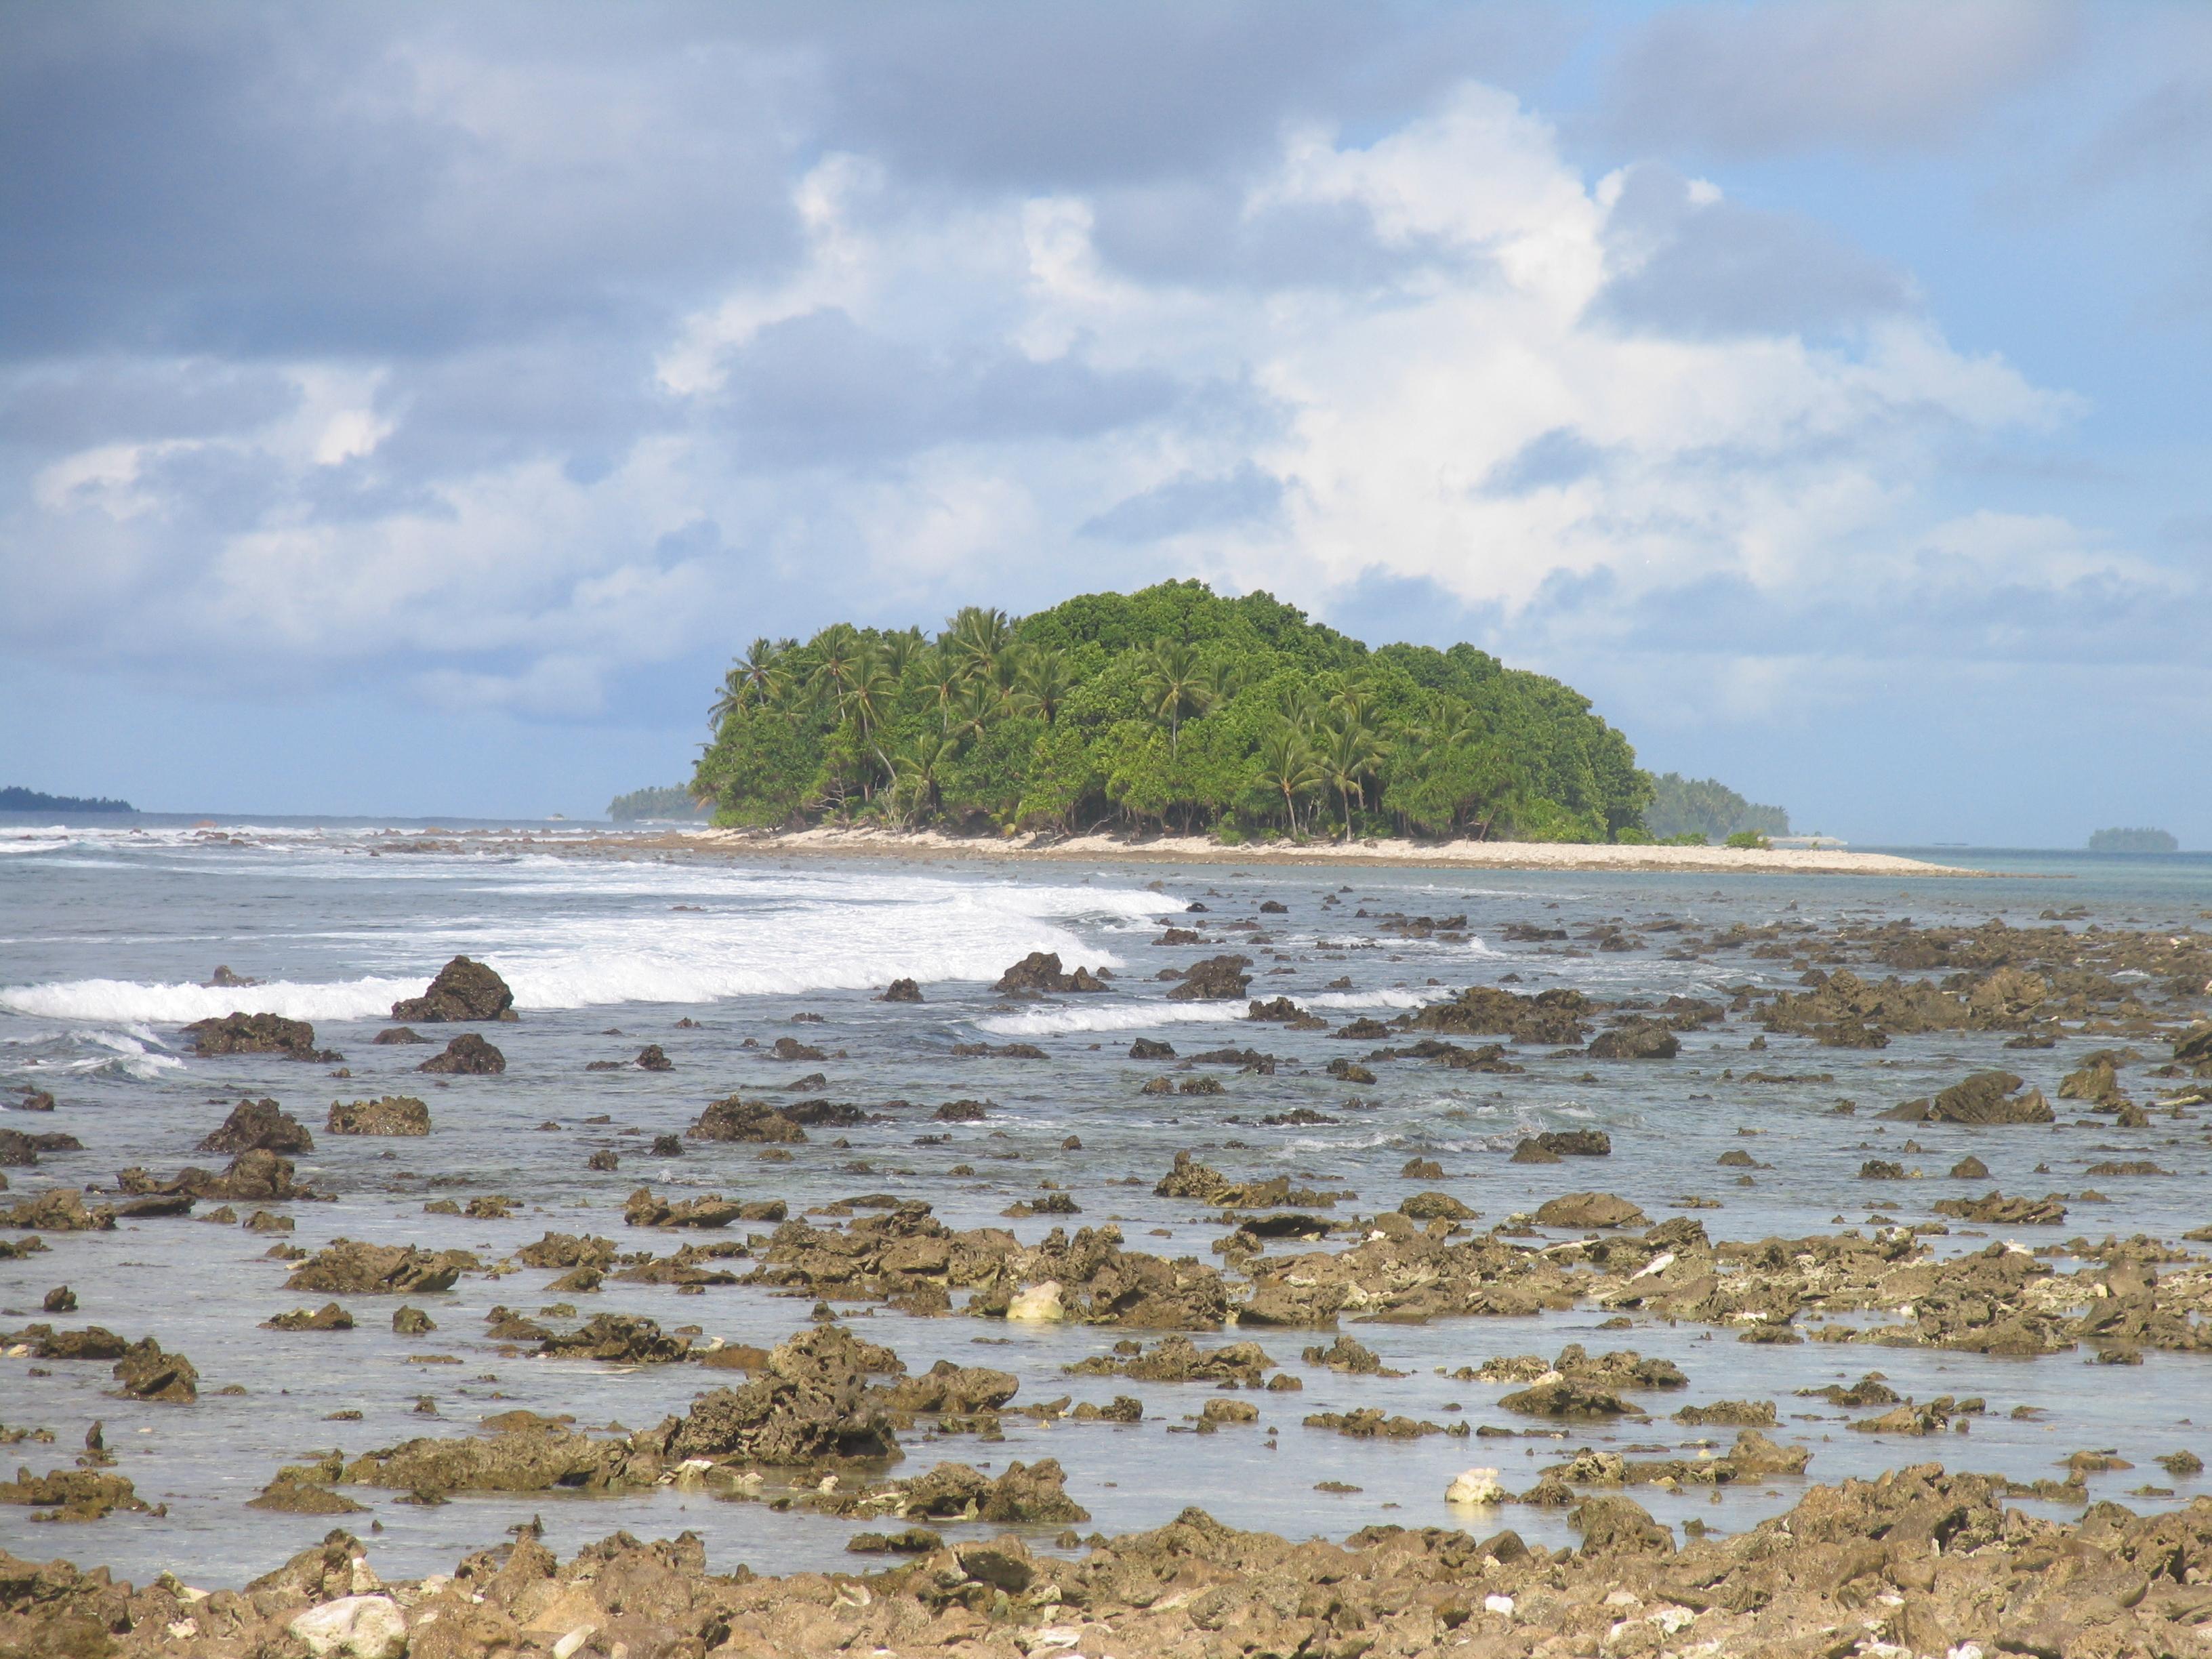 المناظر الخلابة في توفالو والجزير المحيط الهادئ